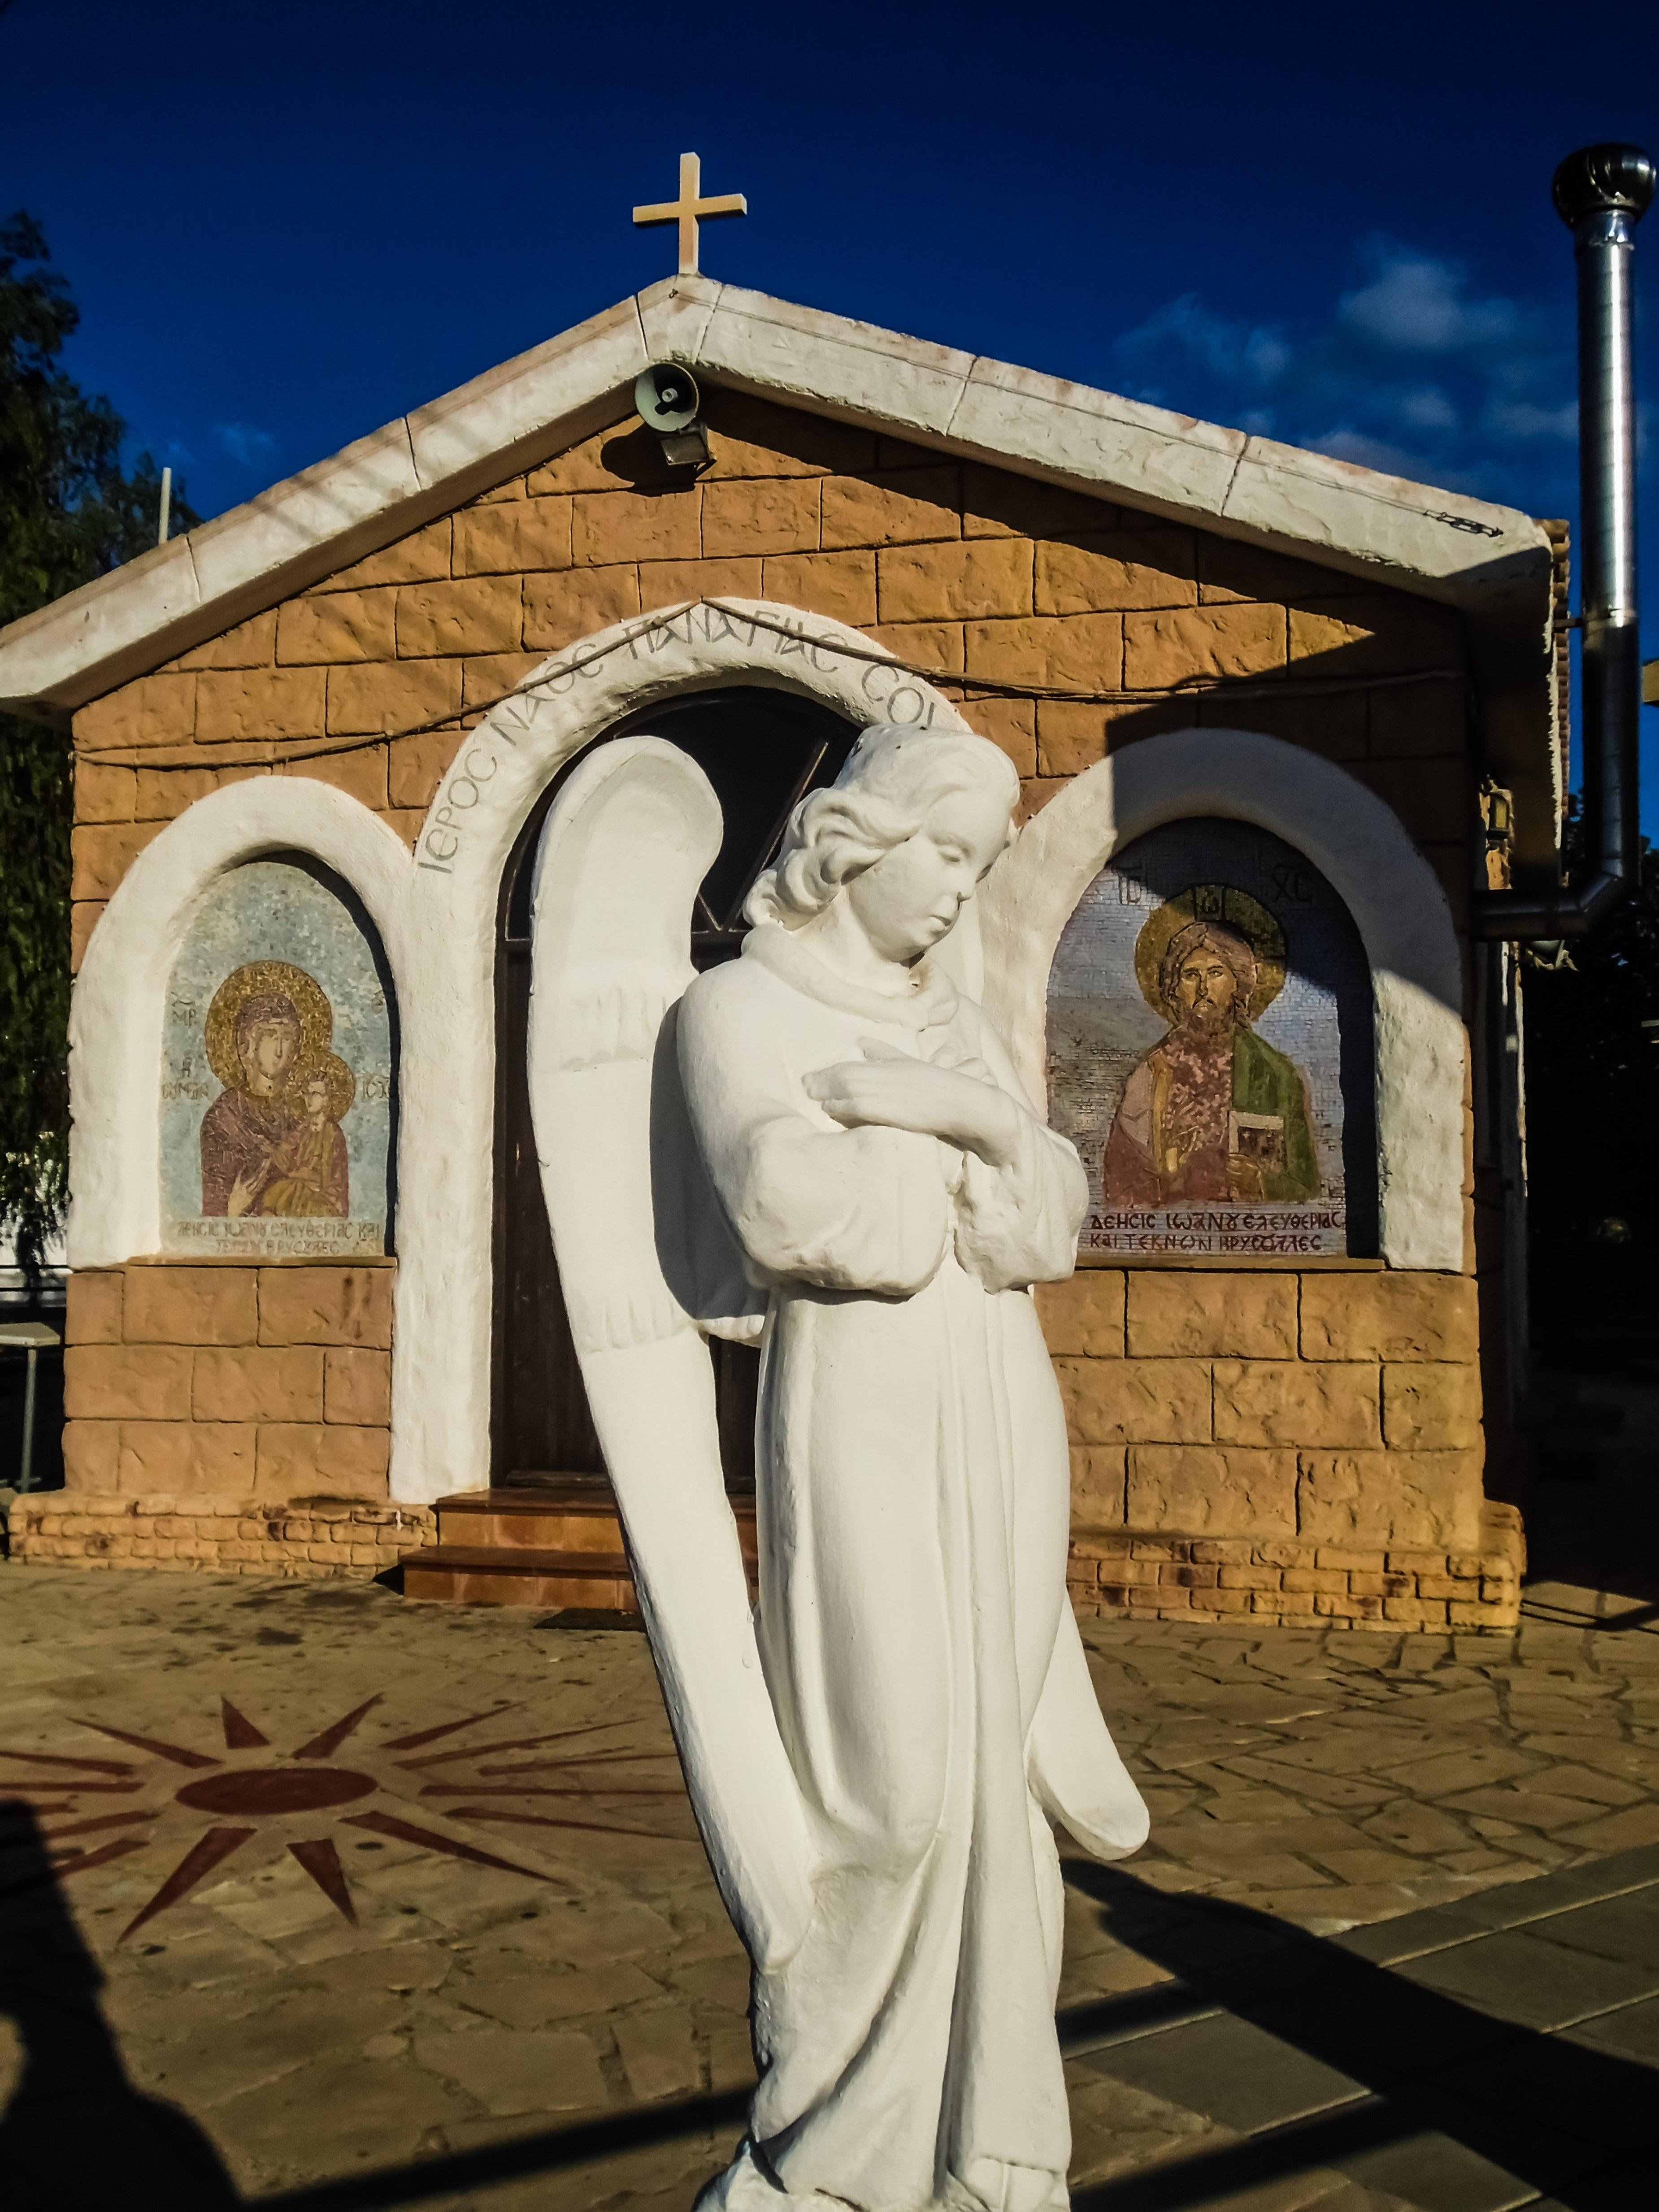 лицо, чтобы ангел в церкви фото уже весеннего солнышка